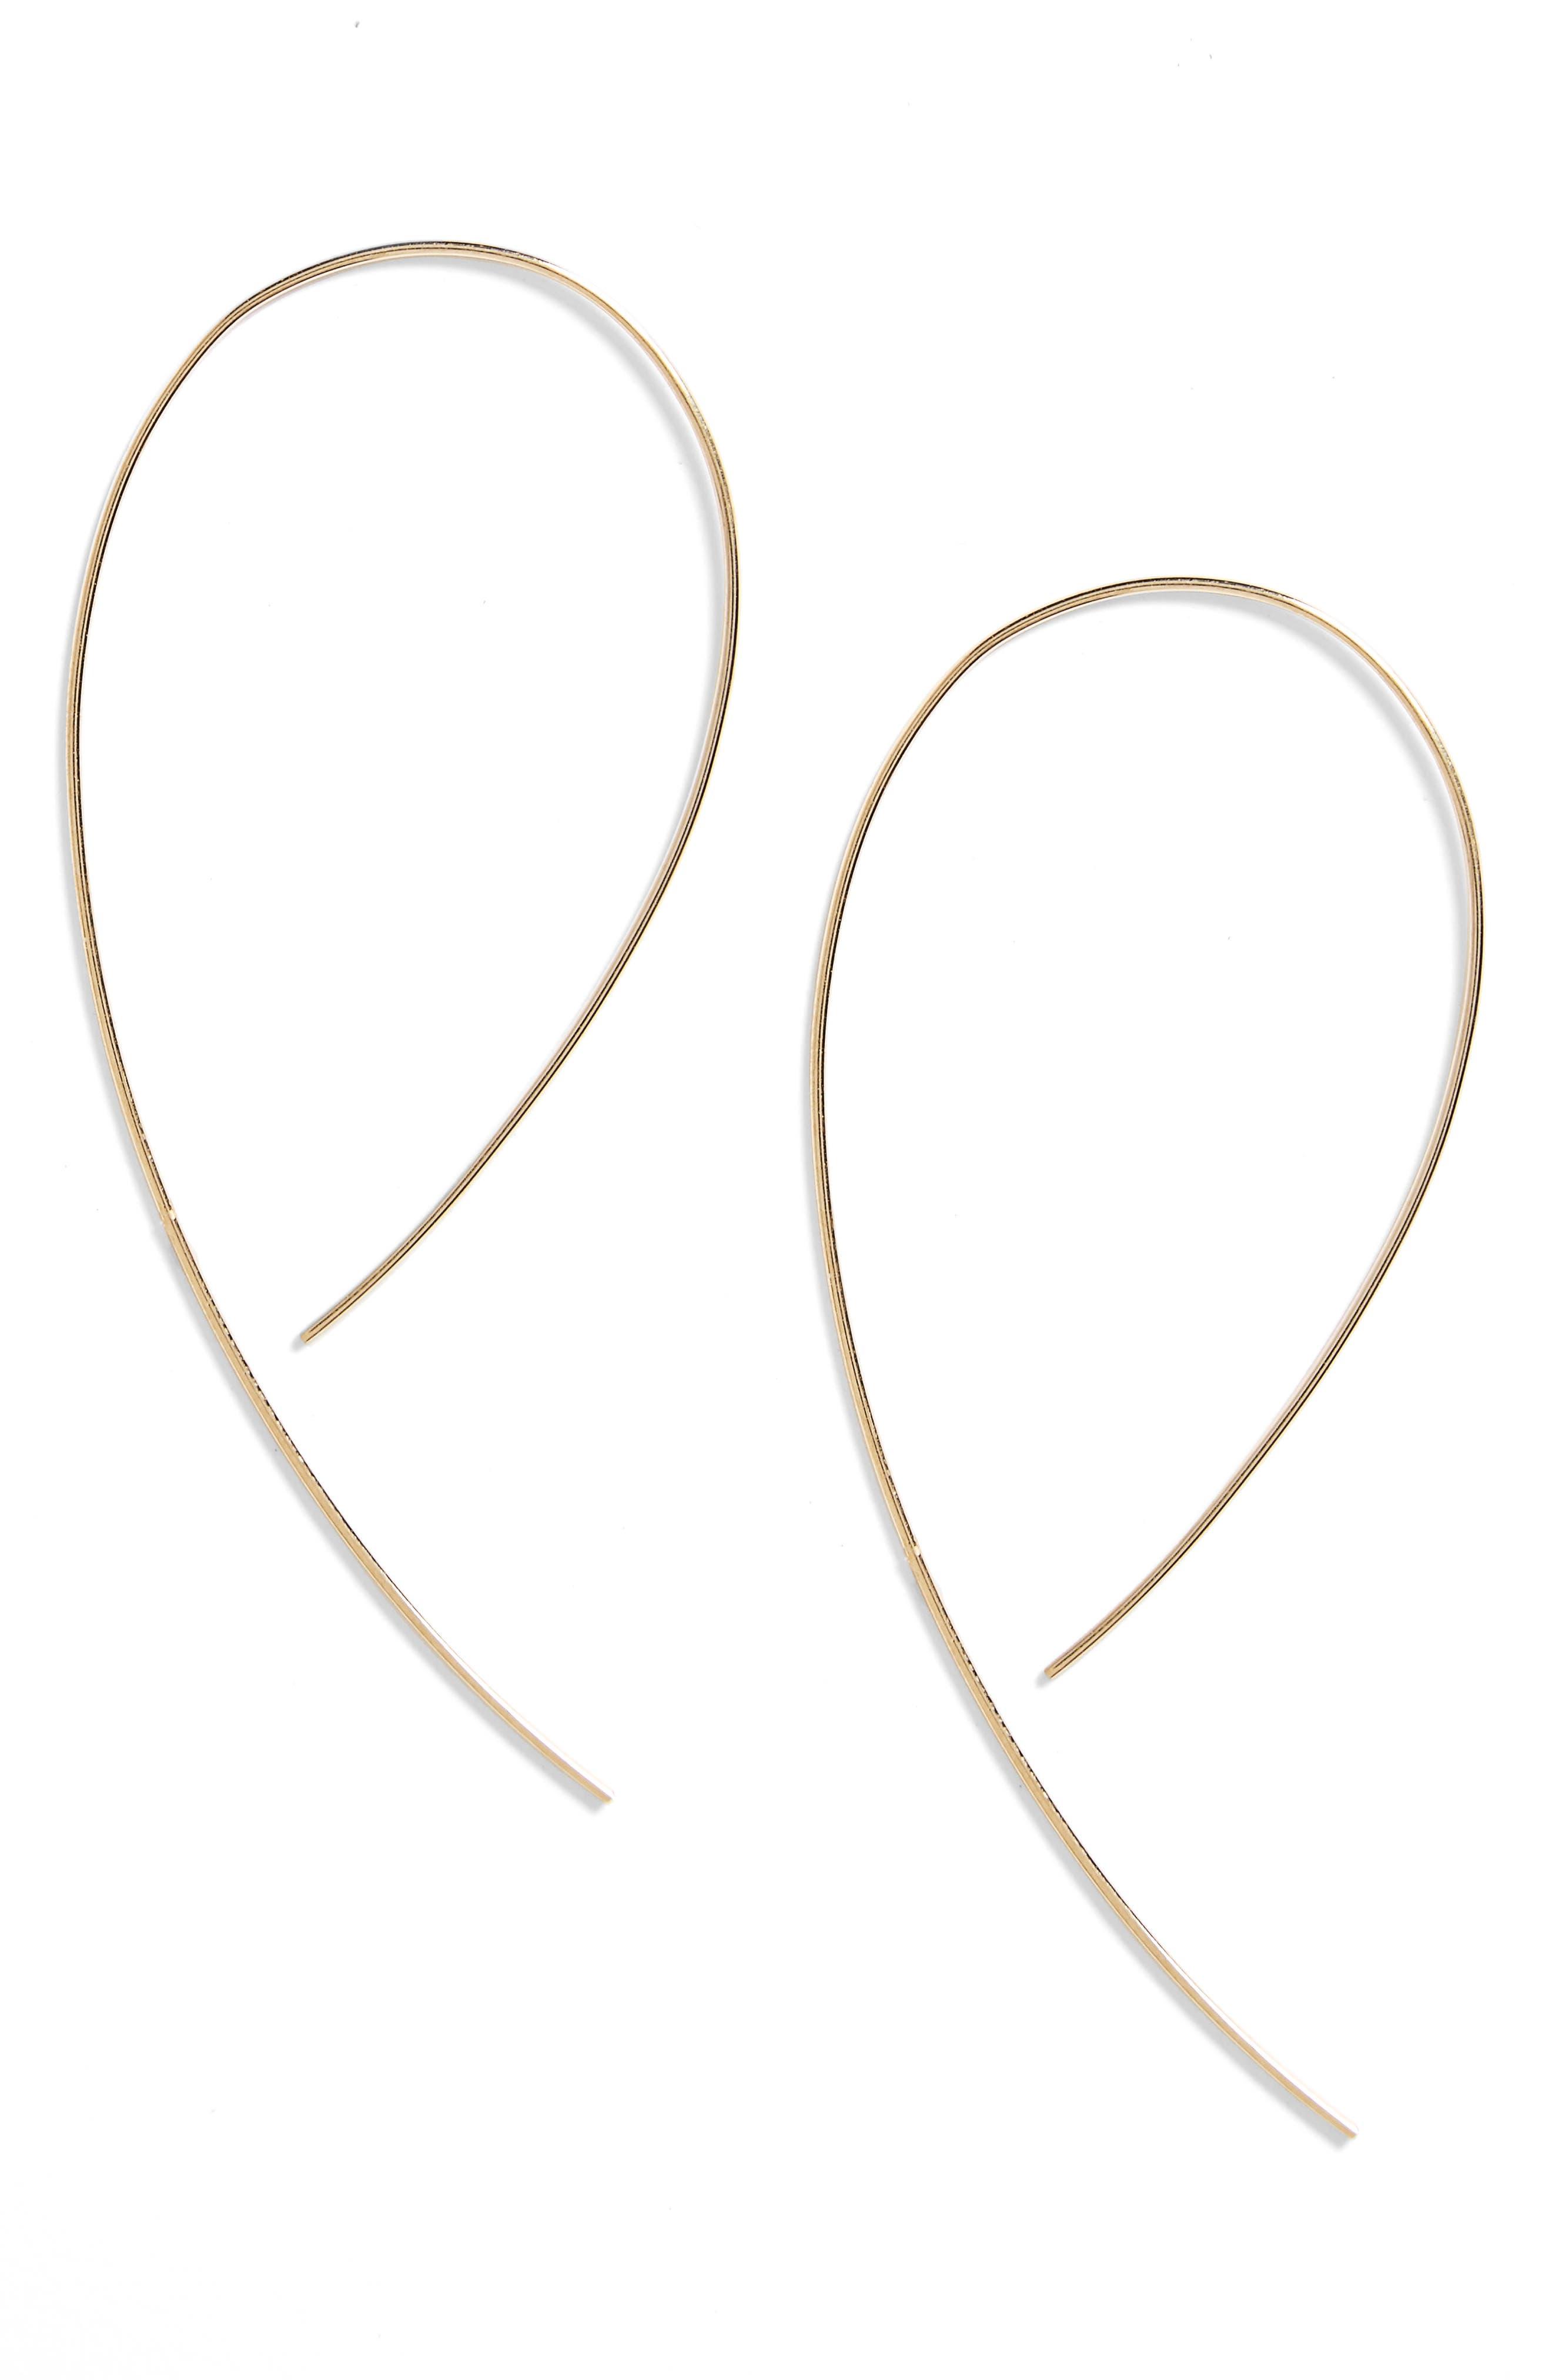 'Hooked On Hoop' Earrings